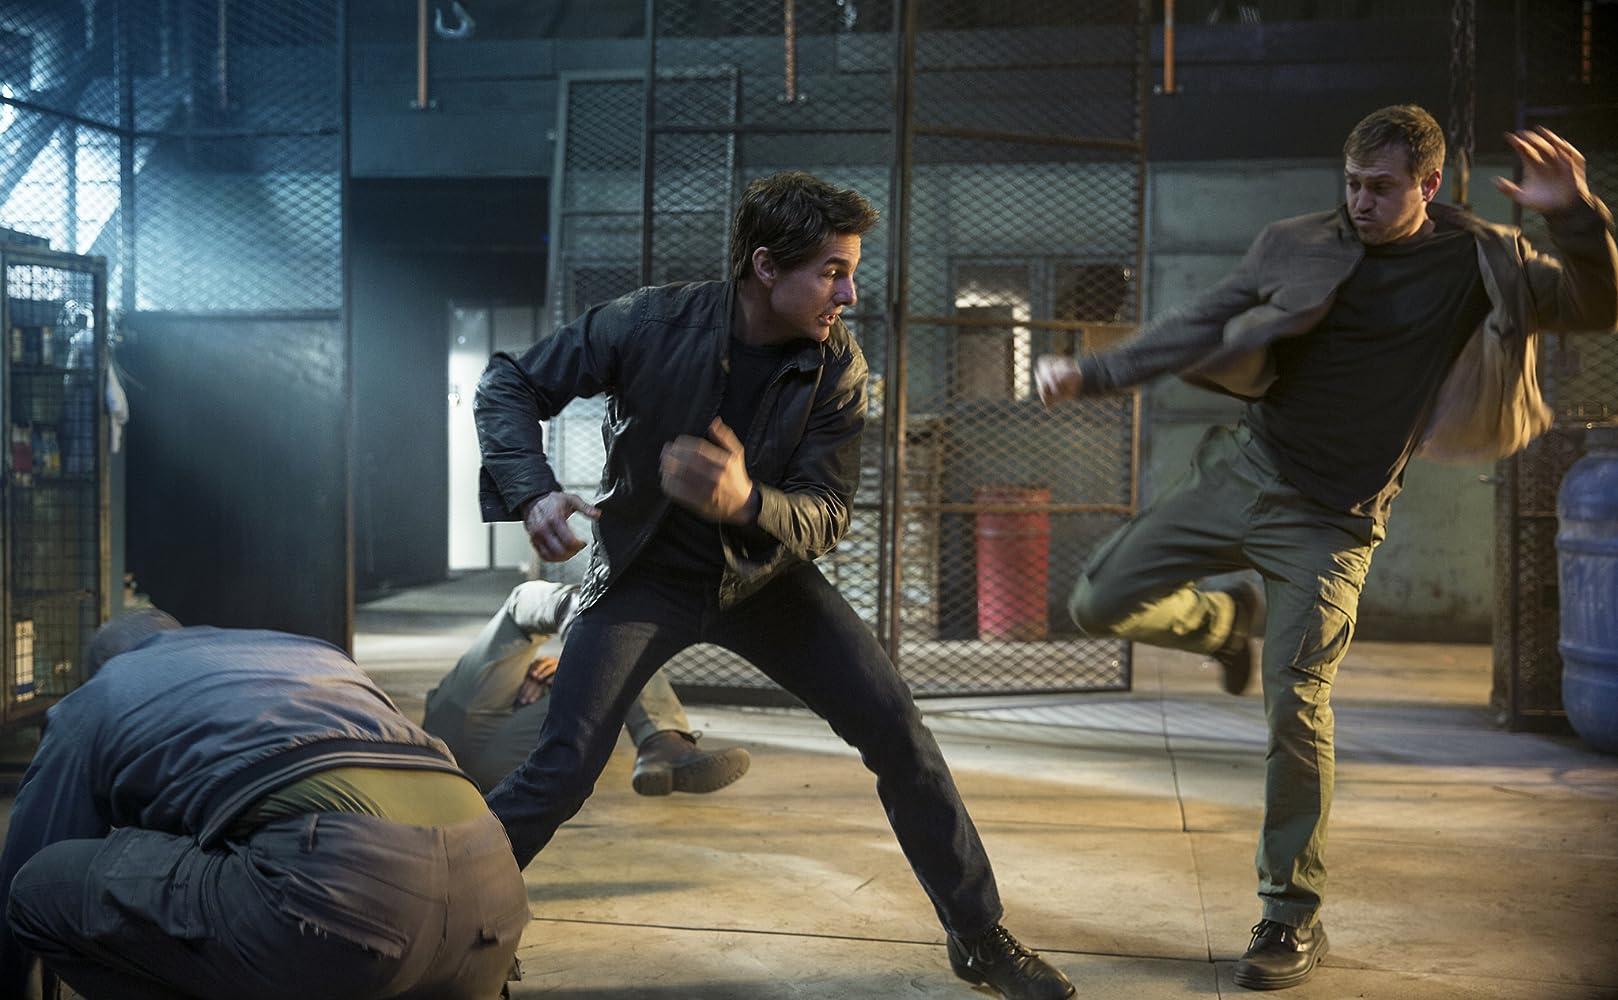 Tom Cruise and Gordon Alexander in Jack Reacher: Never Go Back (2016)